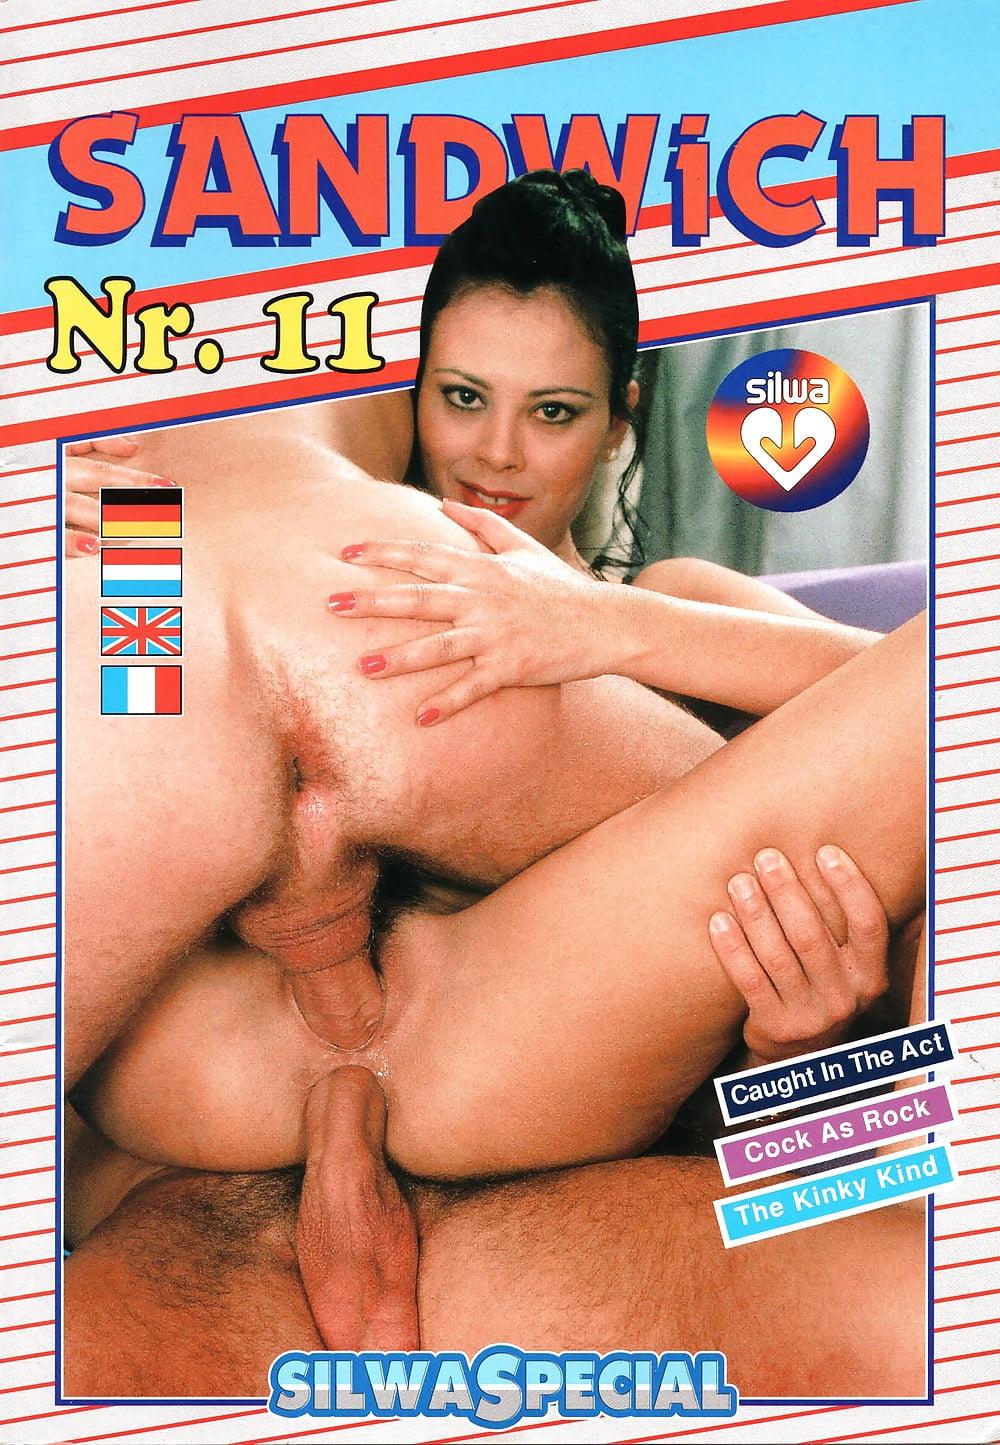 Порно фото переплет страниц, она думала что ее никто не видит писсинг